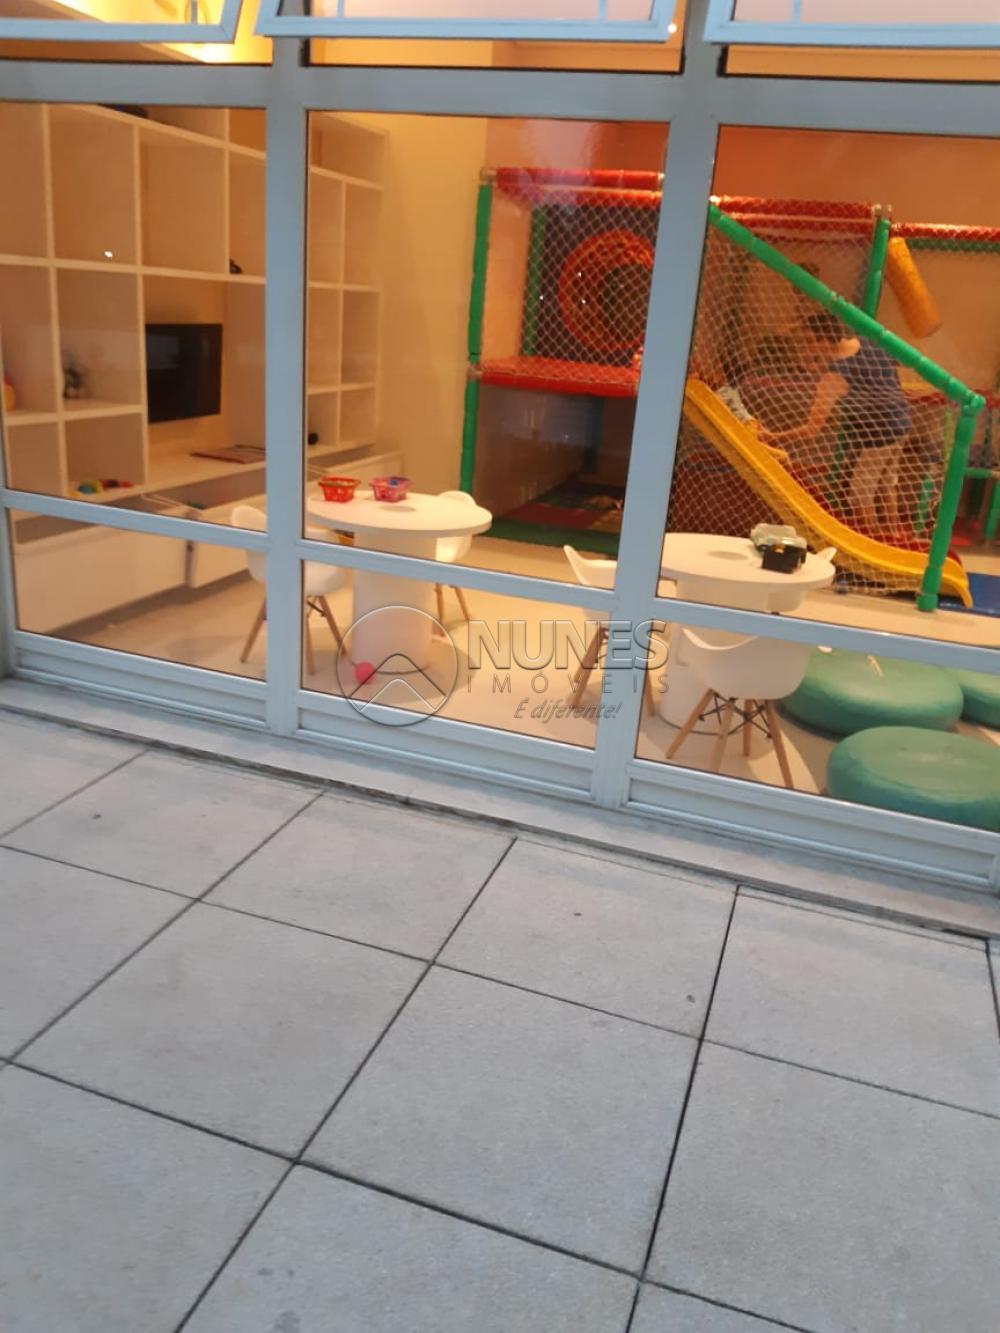 Comprar Apartamento / Padrão em Barueri apenas R$ 530.000,00 - Foto 21